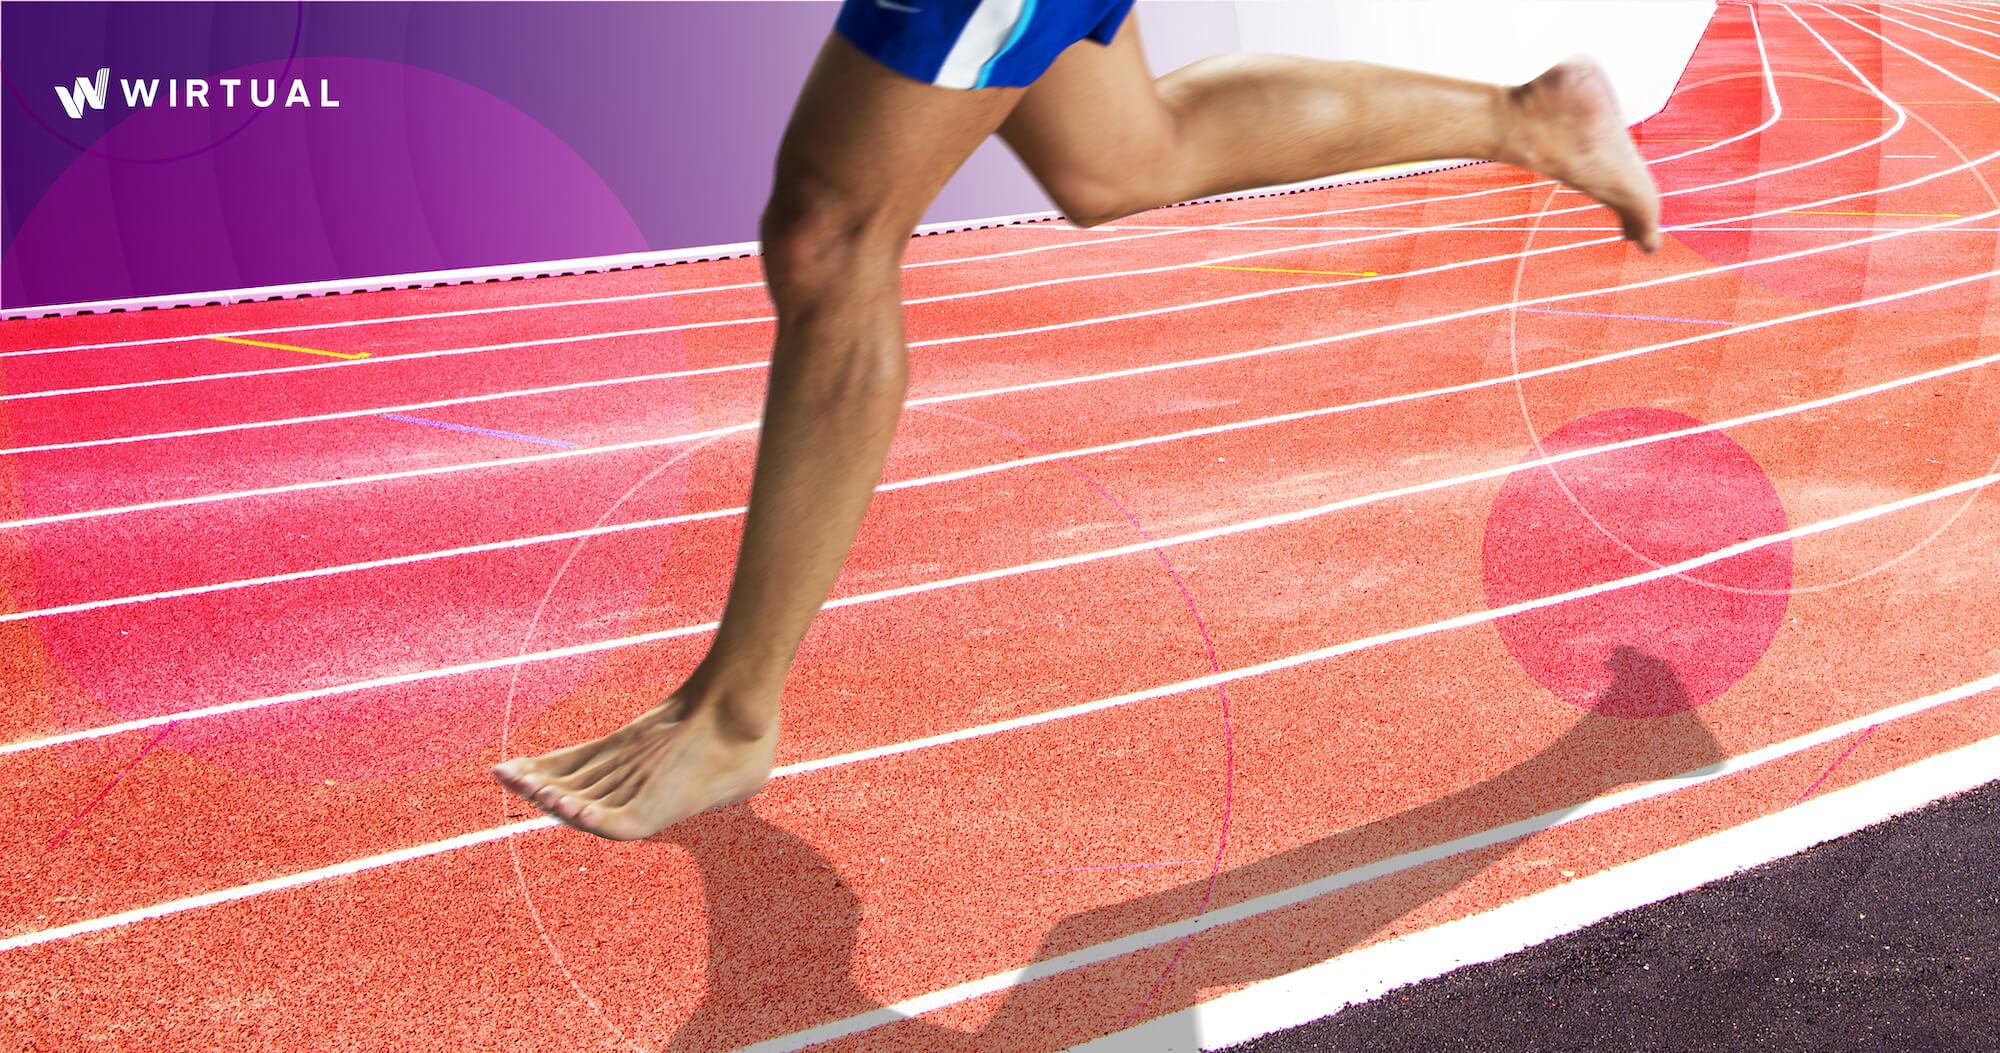 ทำไมการวิ่งรูปแบบ Barefoot Running (การวิ่งเท้าเปล่า) จึงไม่ค่อยได้รับความนิยม มาทำความรู้จักกับการวิ่งแบบนี้ให้มากขึ้น